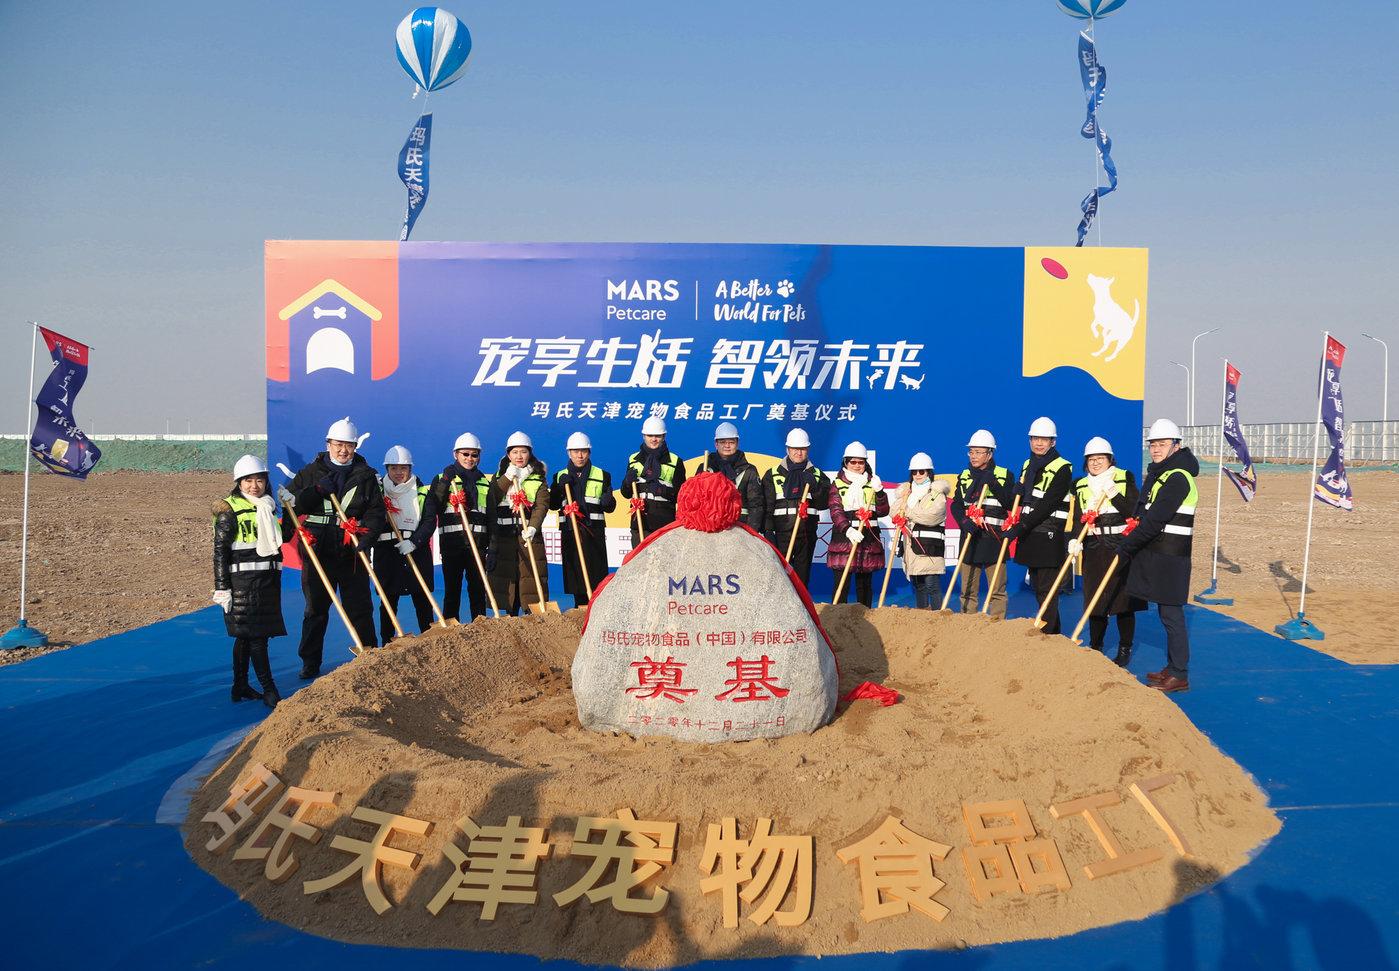 2020年12月玛氏宠物营养中国天津工厂奠基仪式